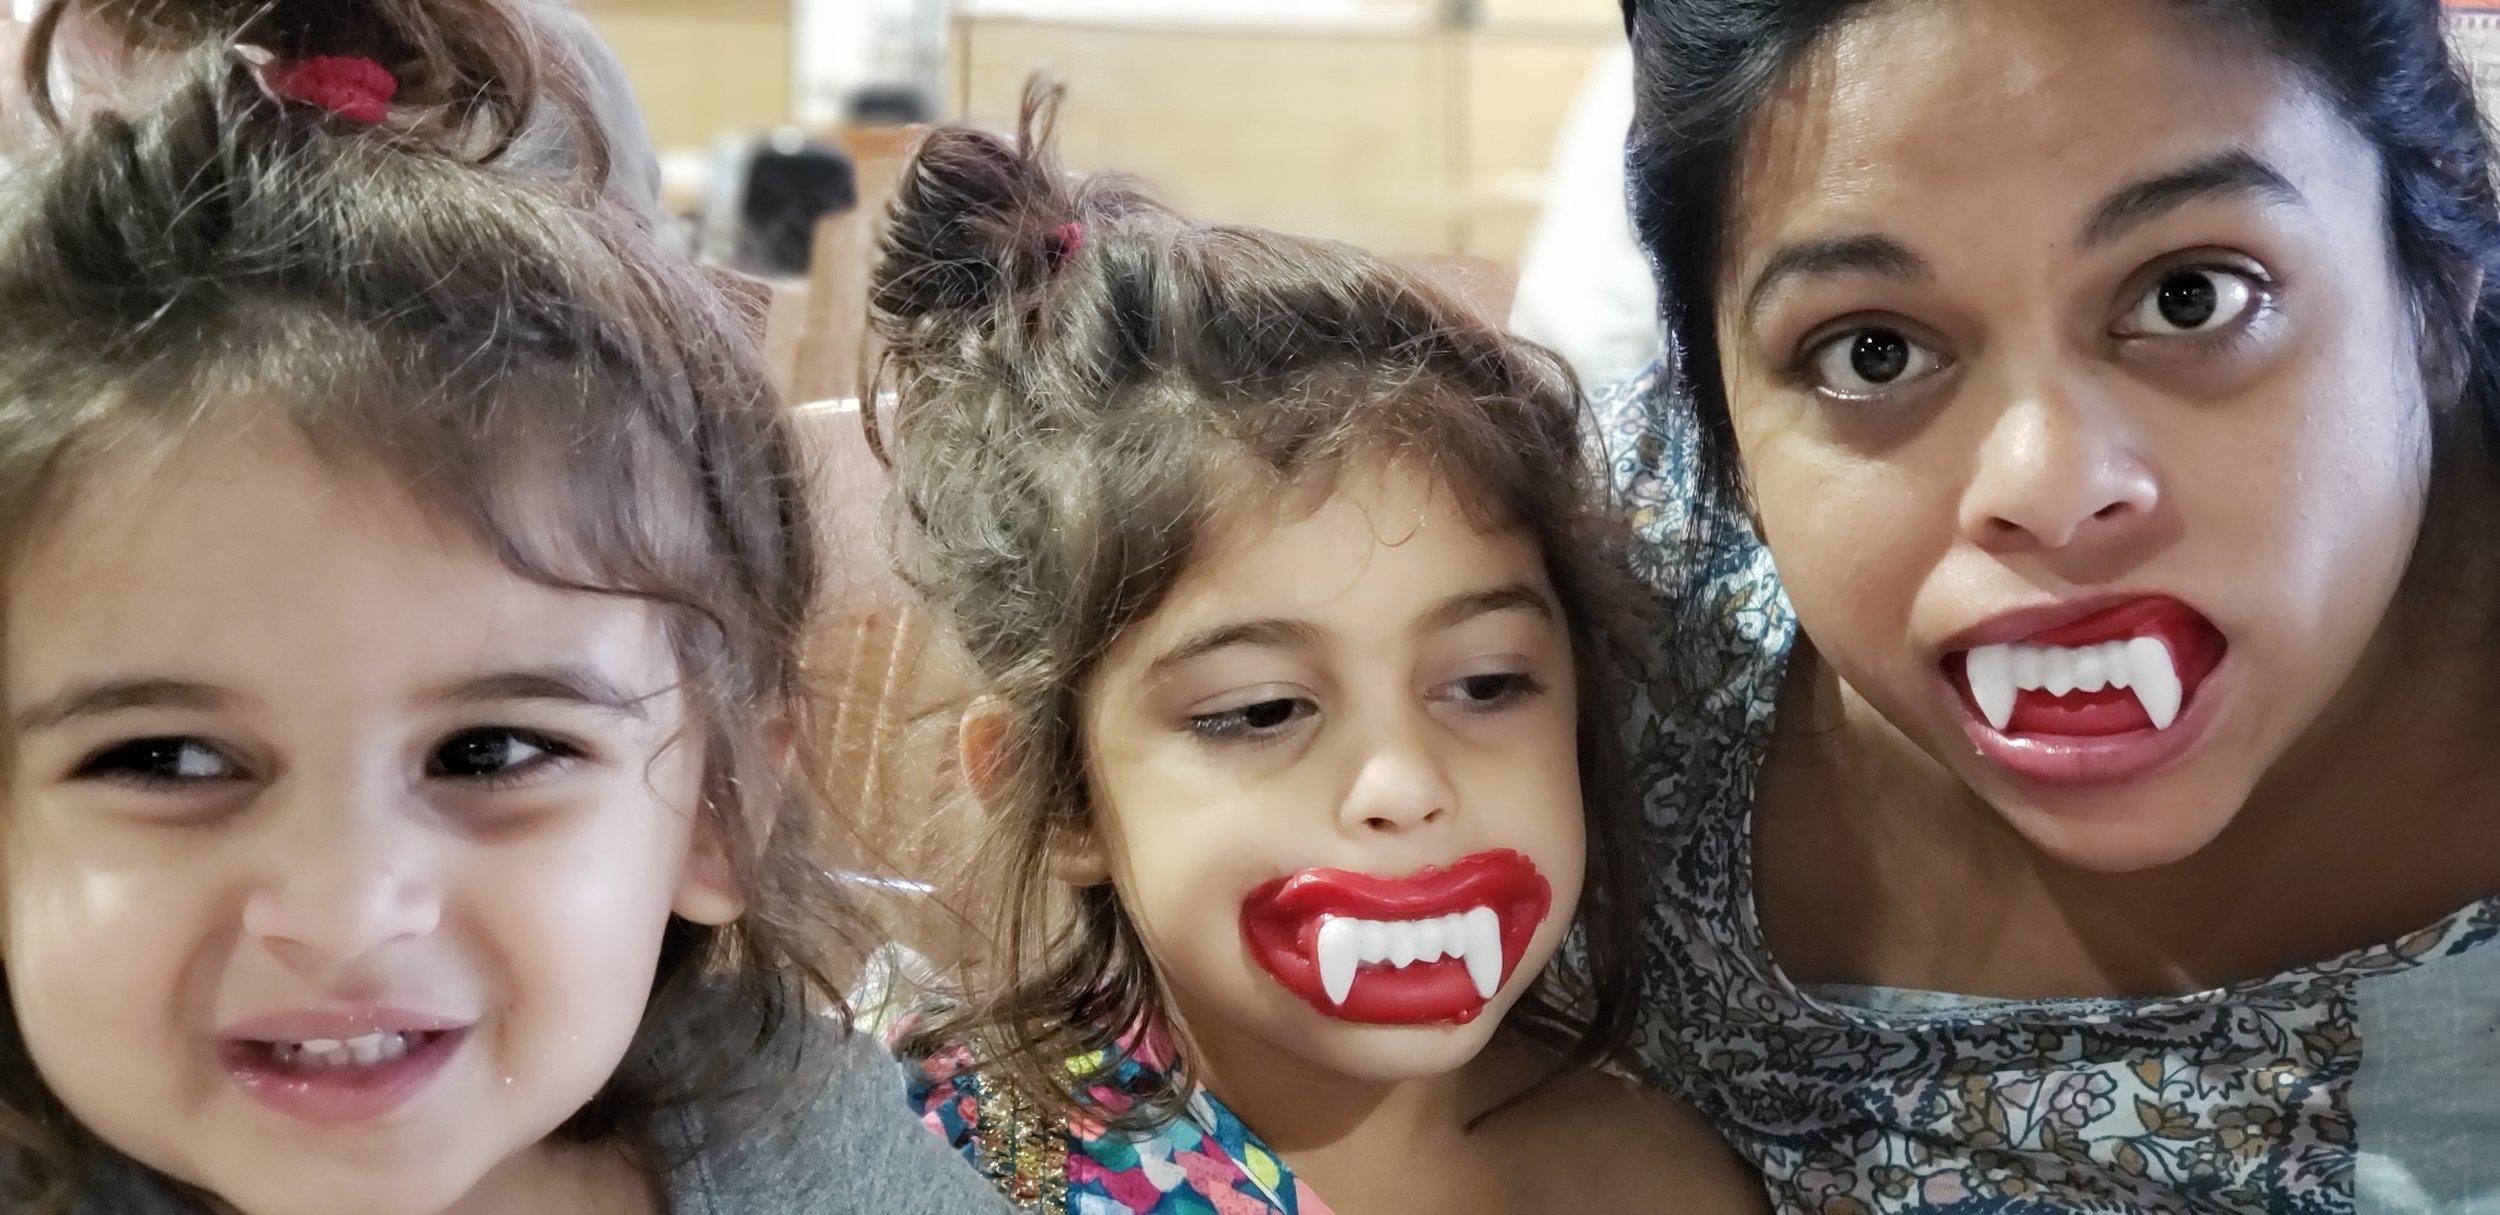 Goofing around on Halloween